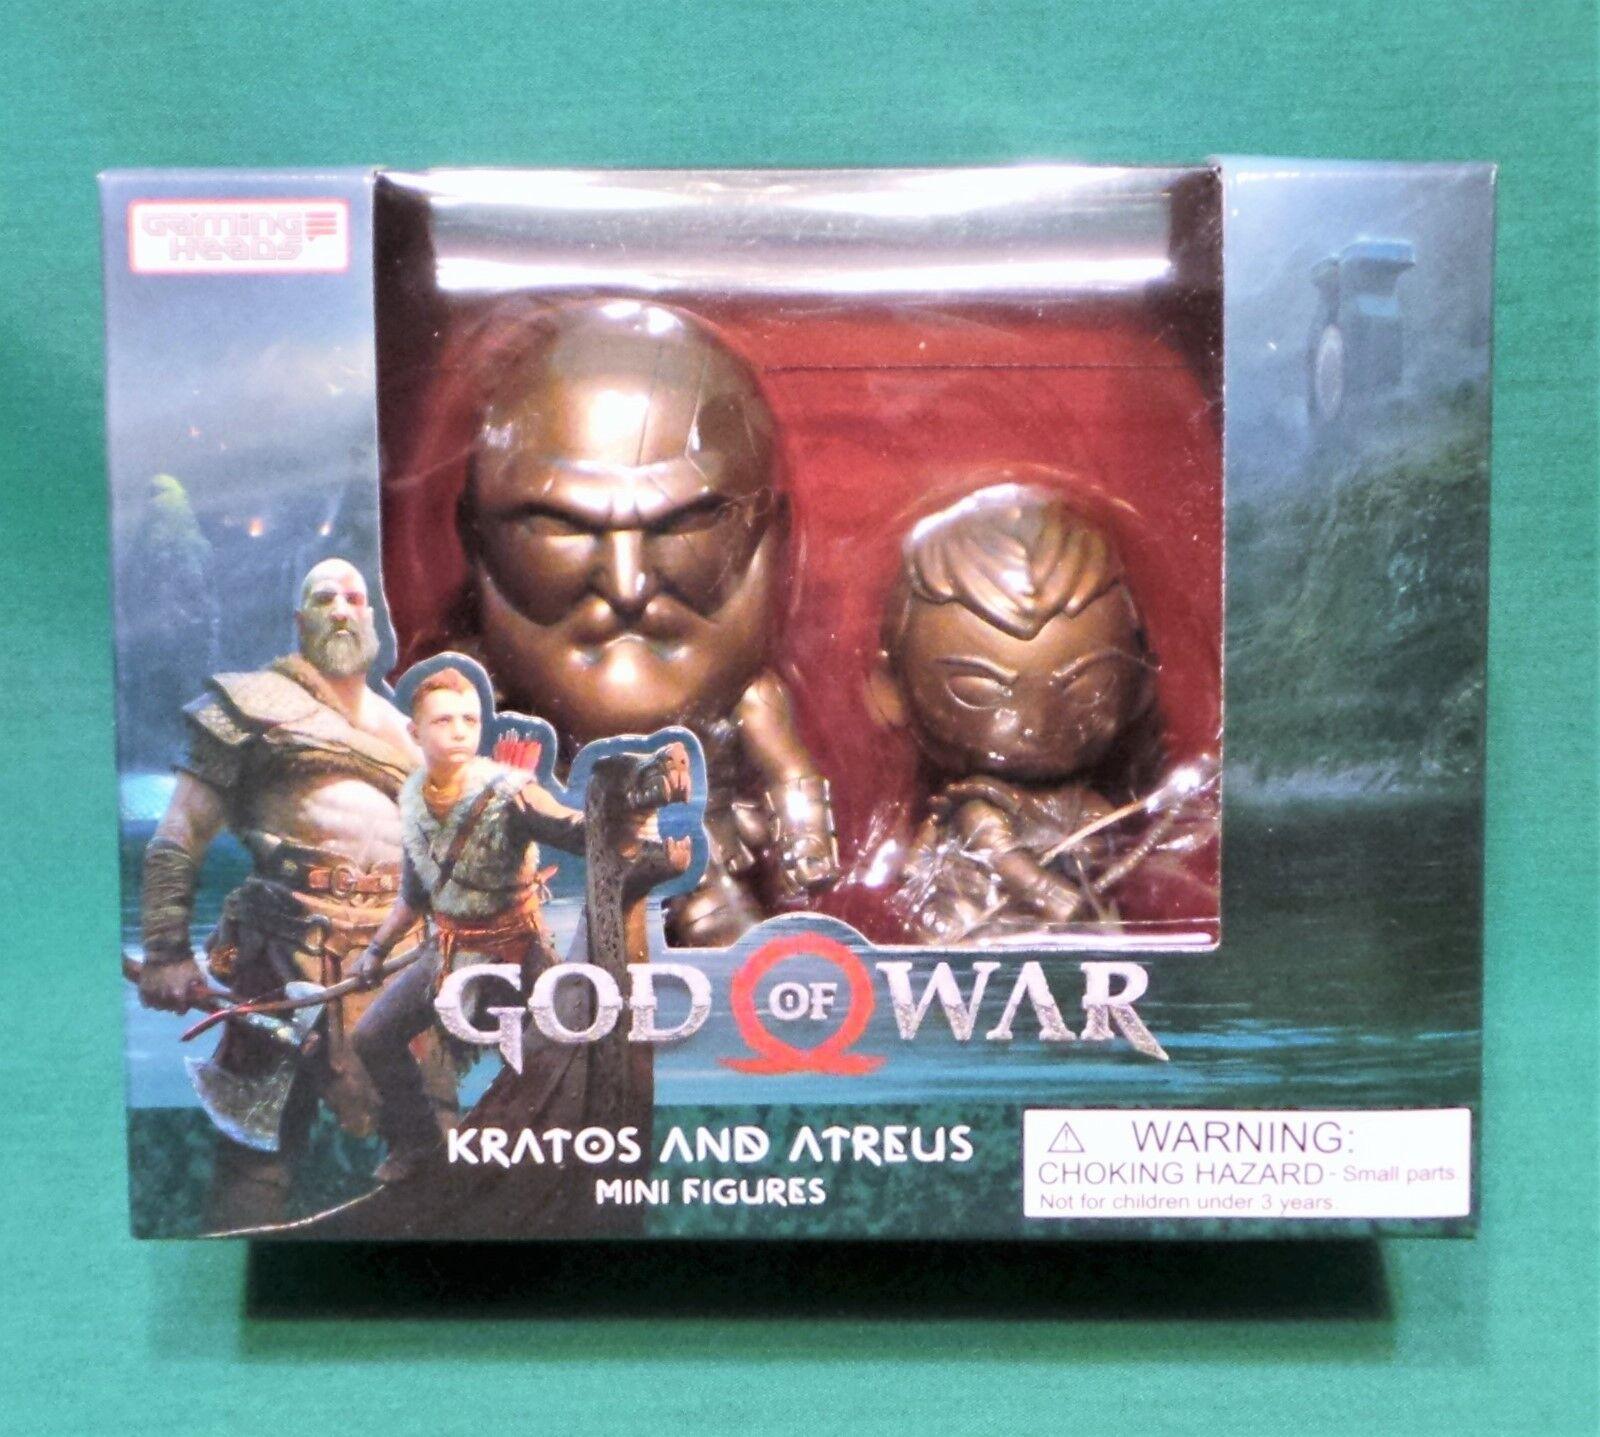 Dios de la guerra Kratos y Atreus Mini Figuras Conjunto de Imitación Bronce Variante 1000 hecho 3.5